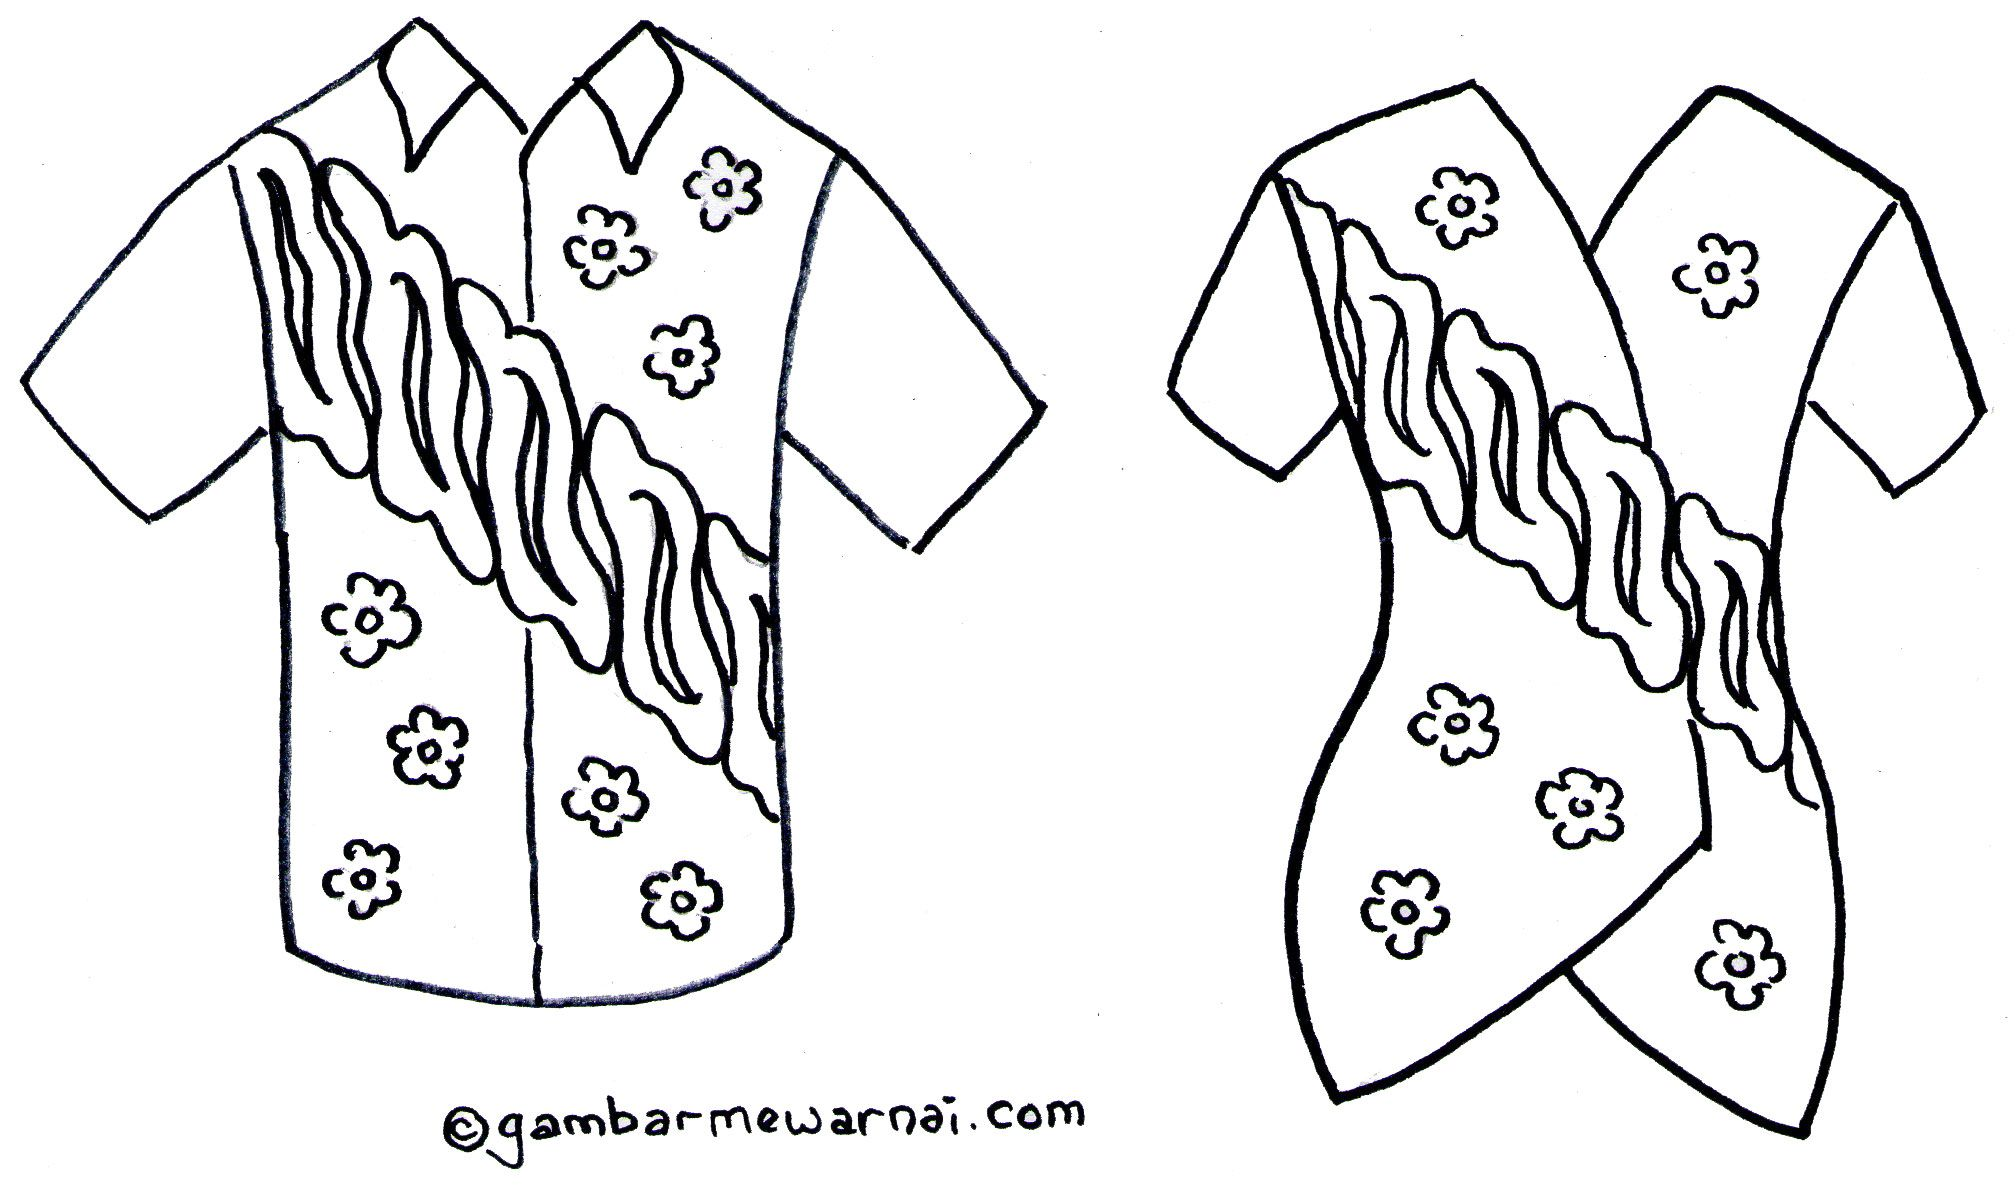 Gambar Mewarnai Baju Batik Yang Dipakai Pinterest